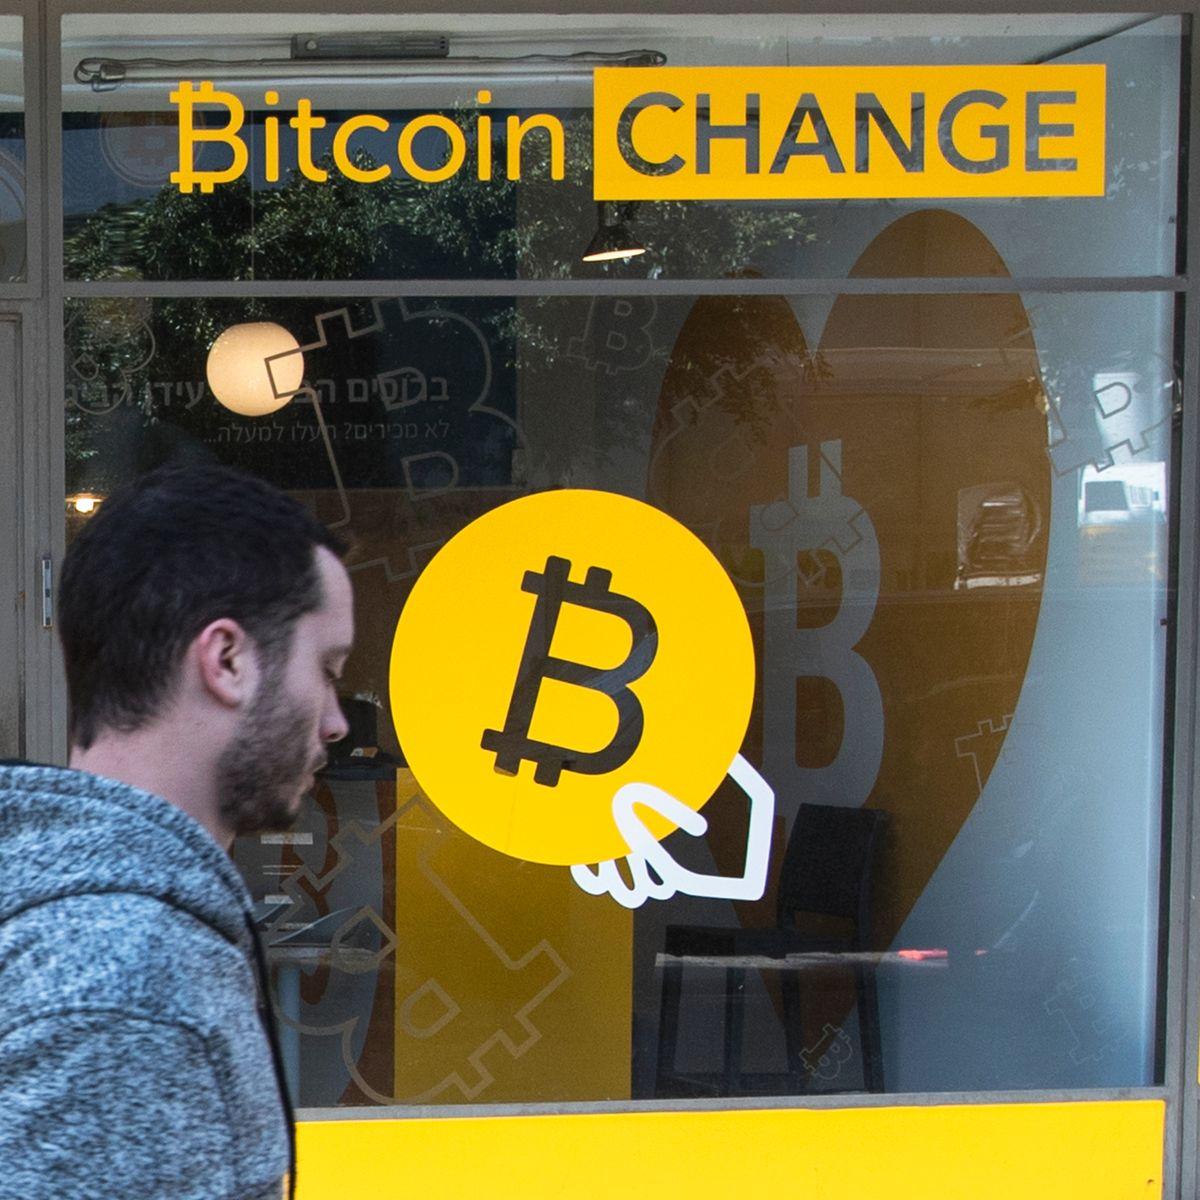 gold cfd handeln bitcoin-händler neuseeland